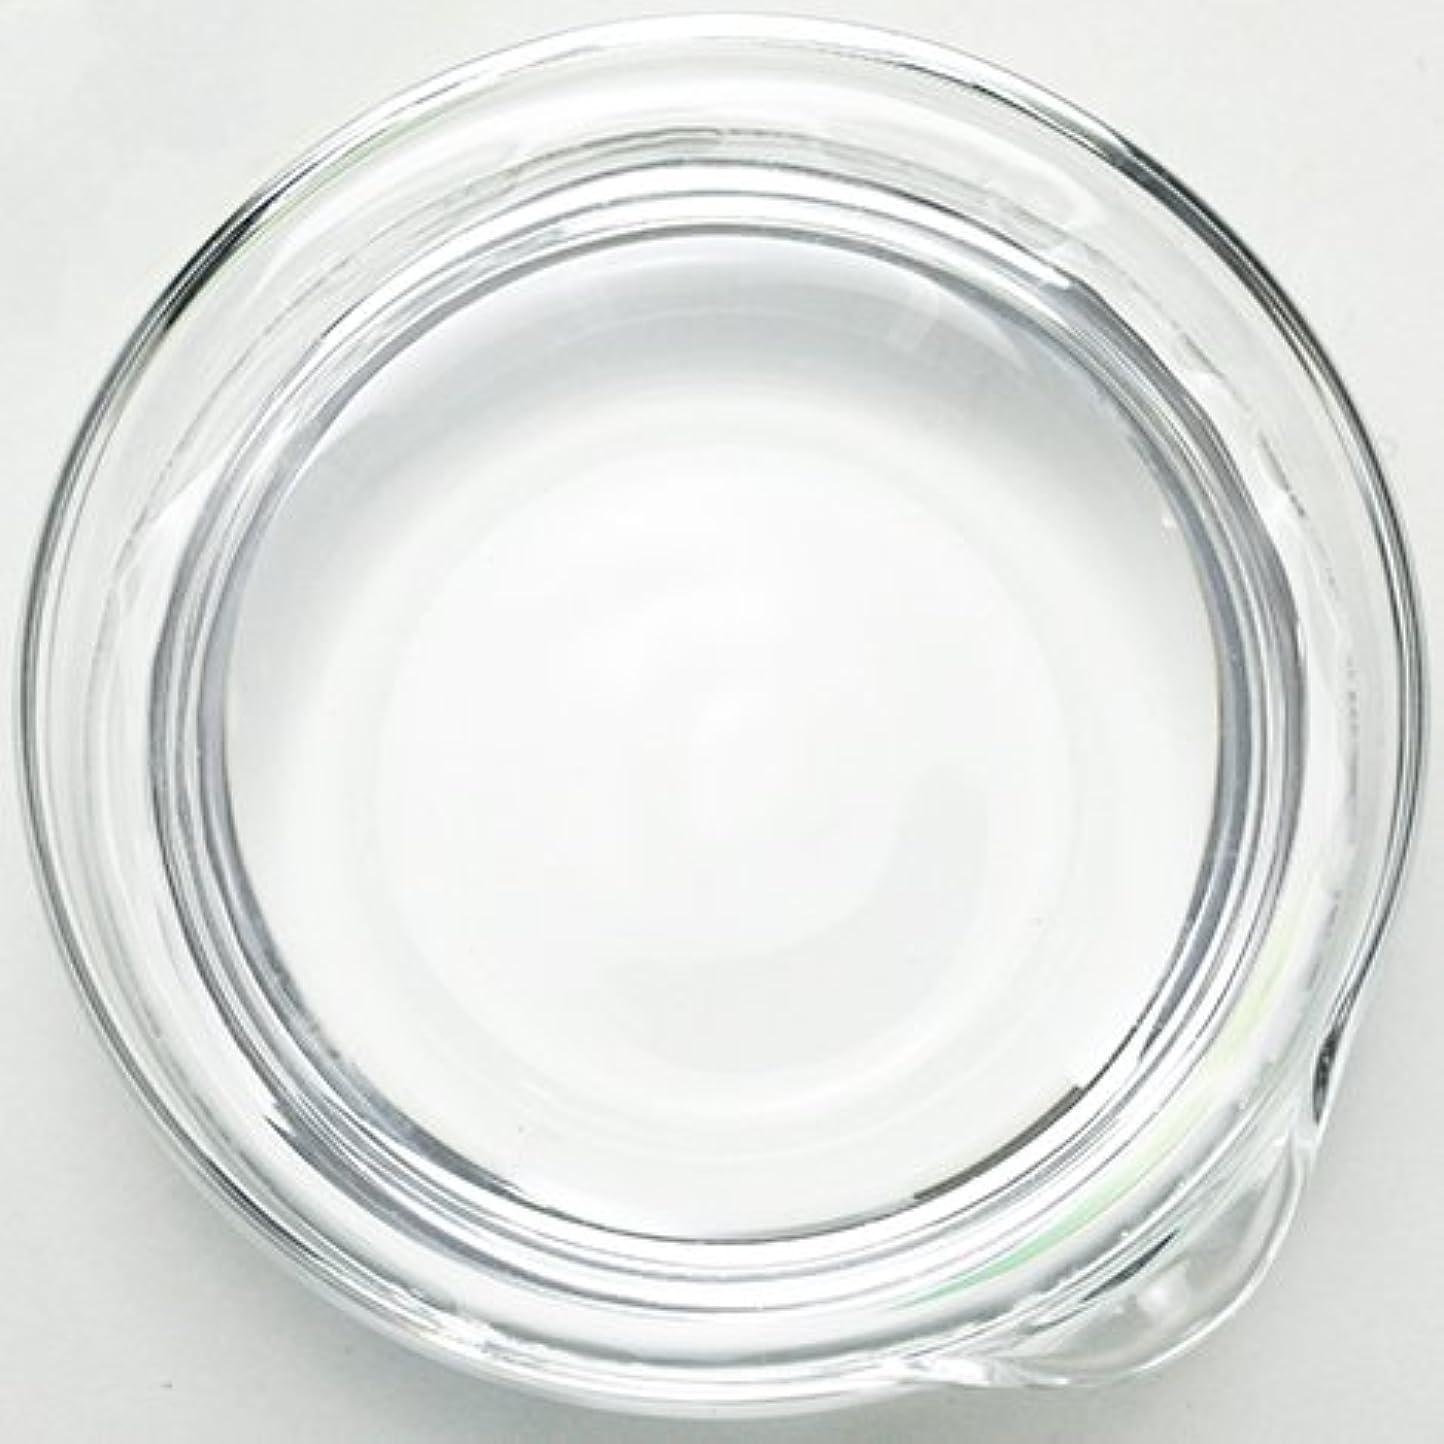 グリーンランド知覚できるプーノ濃グリセリン[植物性] 100ml 【手作り石鹸/手作りコスメ】